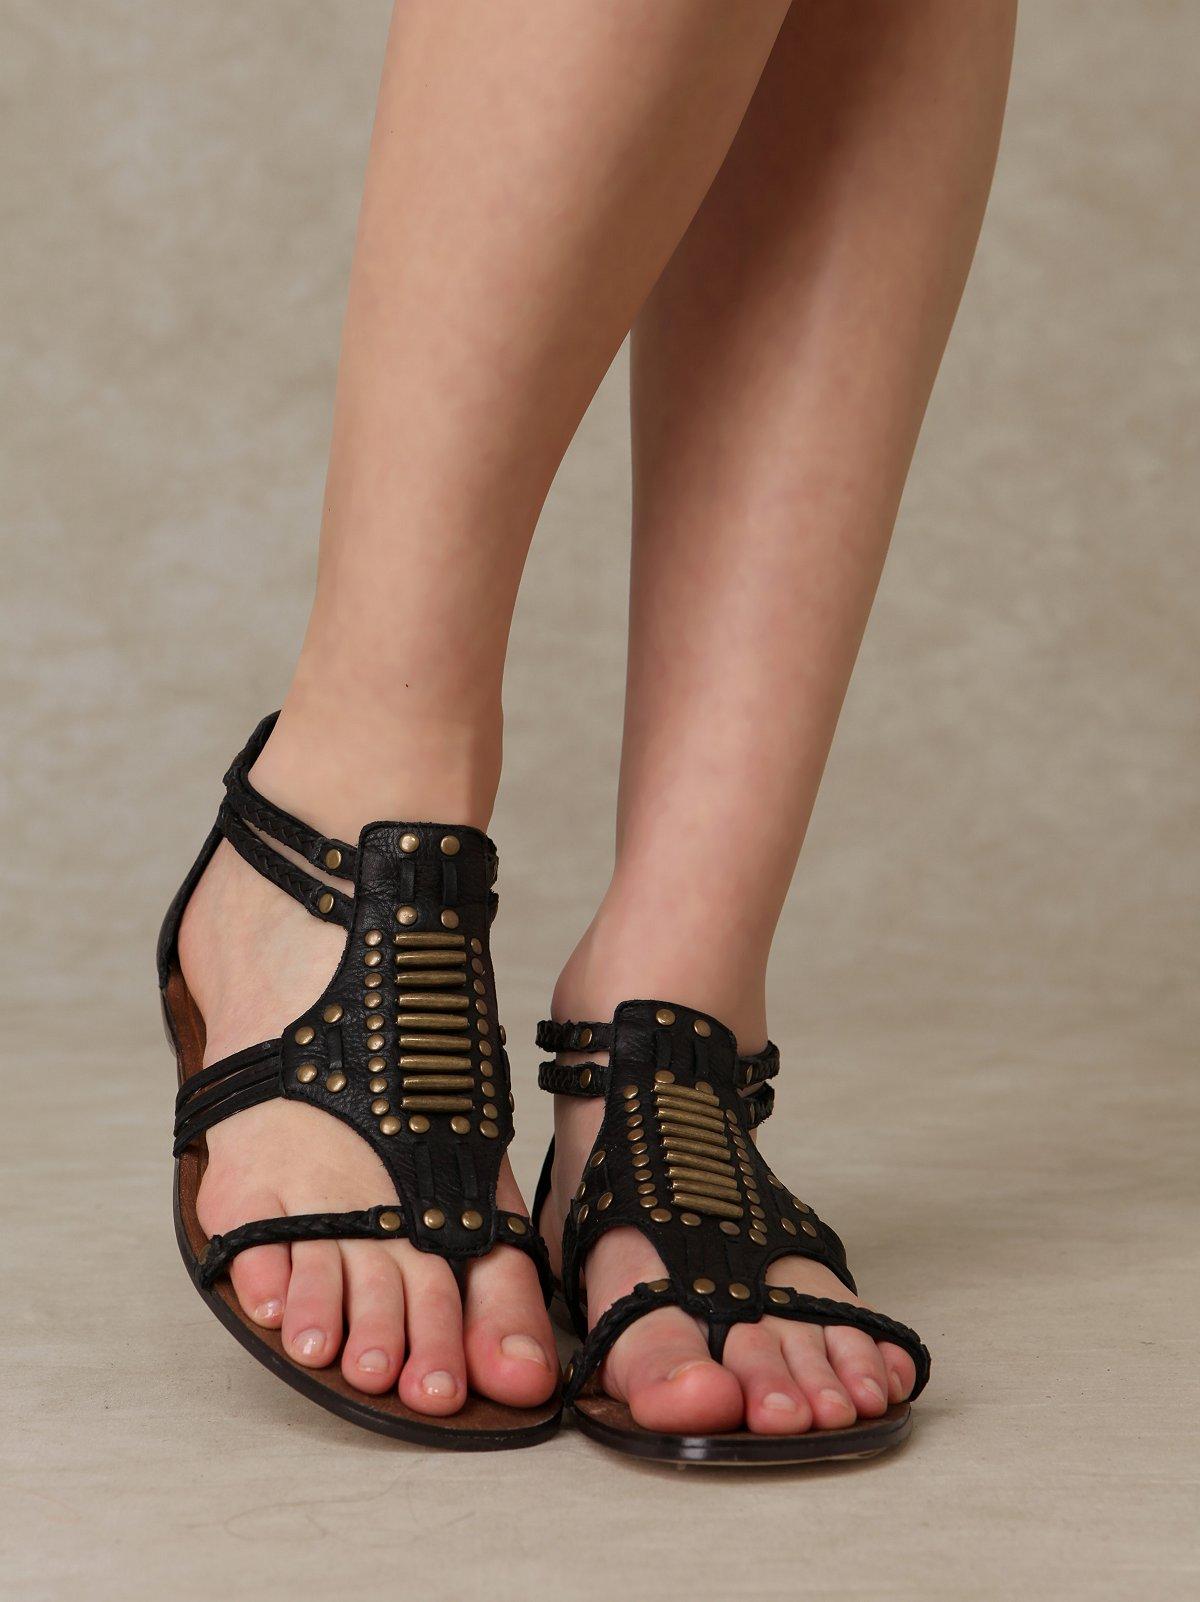 Estelle Pipe Sandal